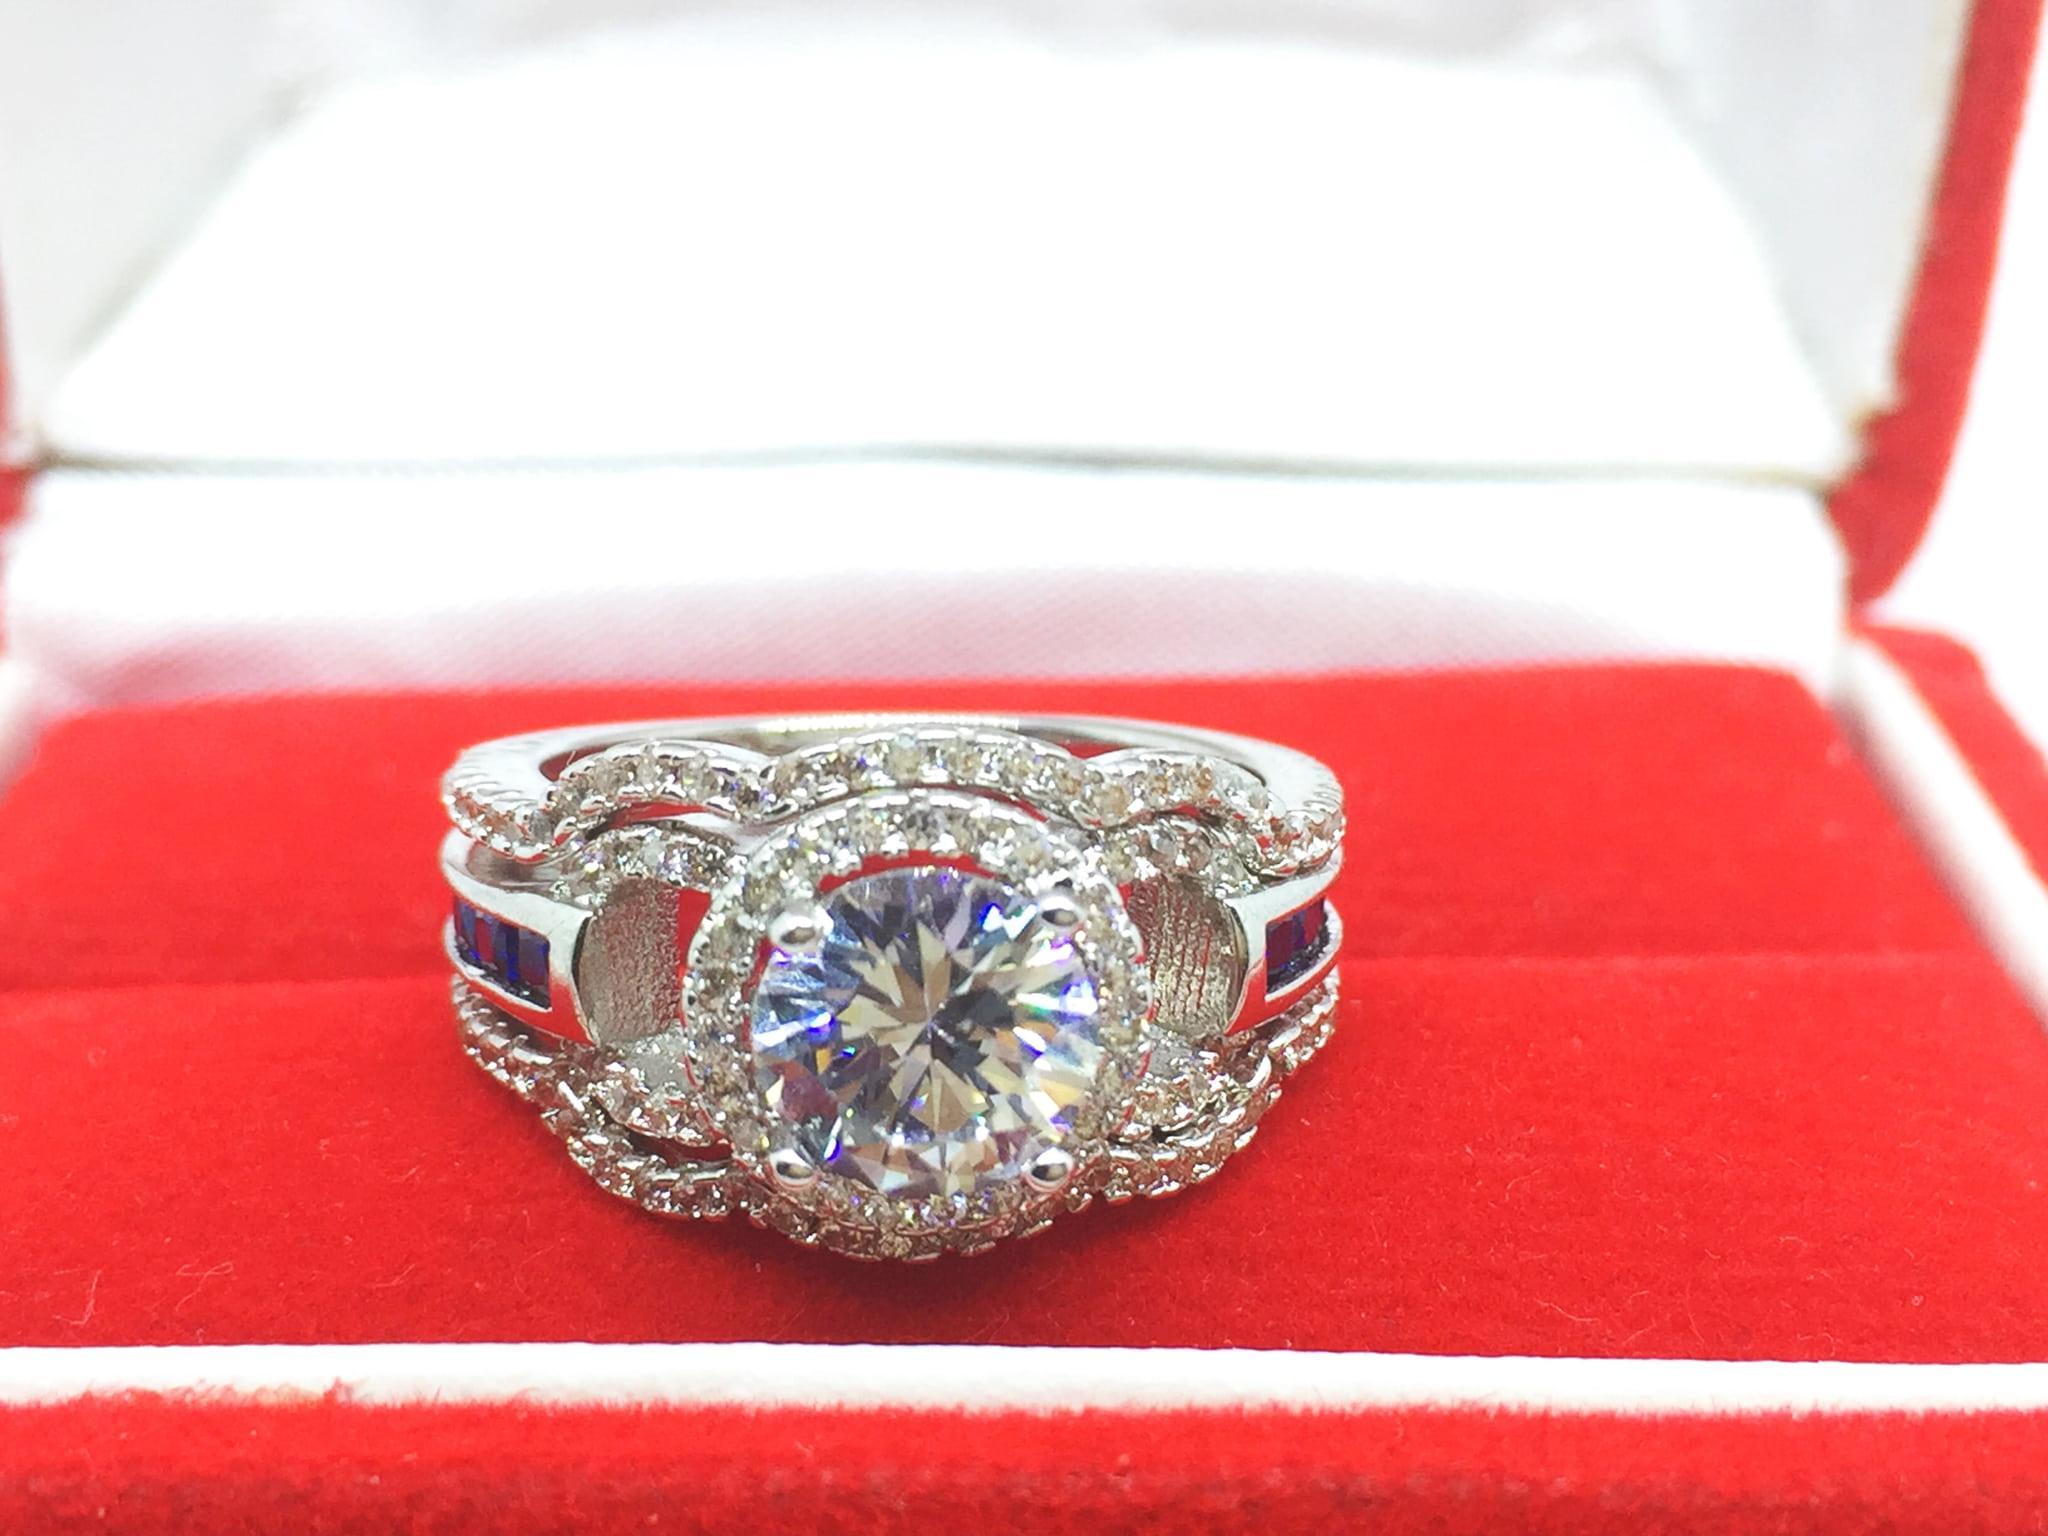 NEW Promo Perhiasan Set Cincin 3 pcs Lapis Emas Putih Berlian Batu Biru Samping BR157 Murah